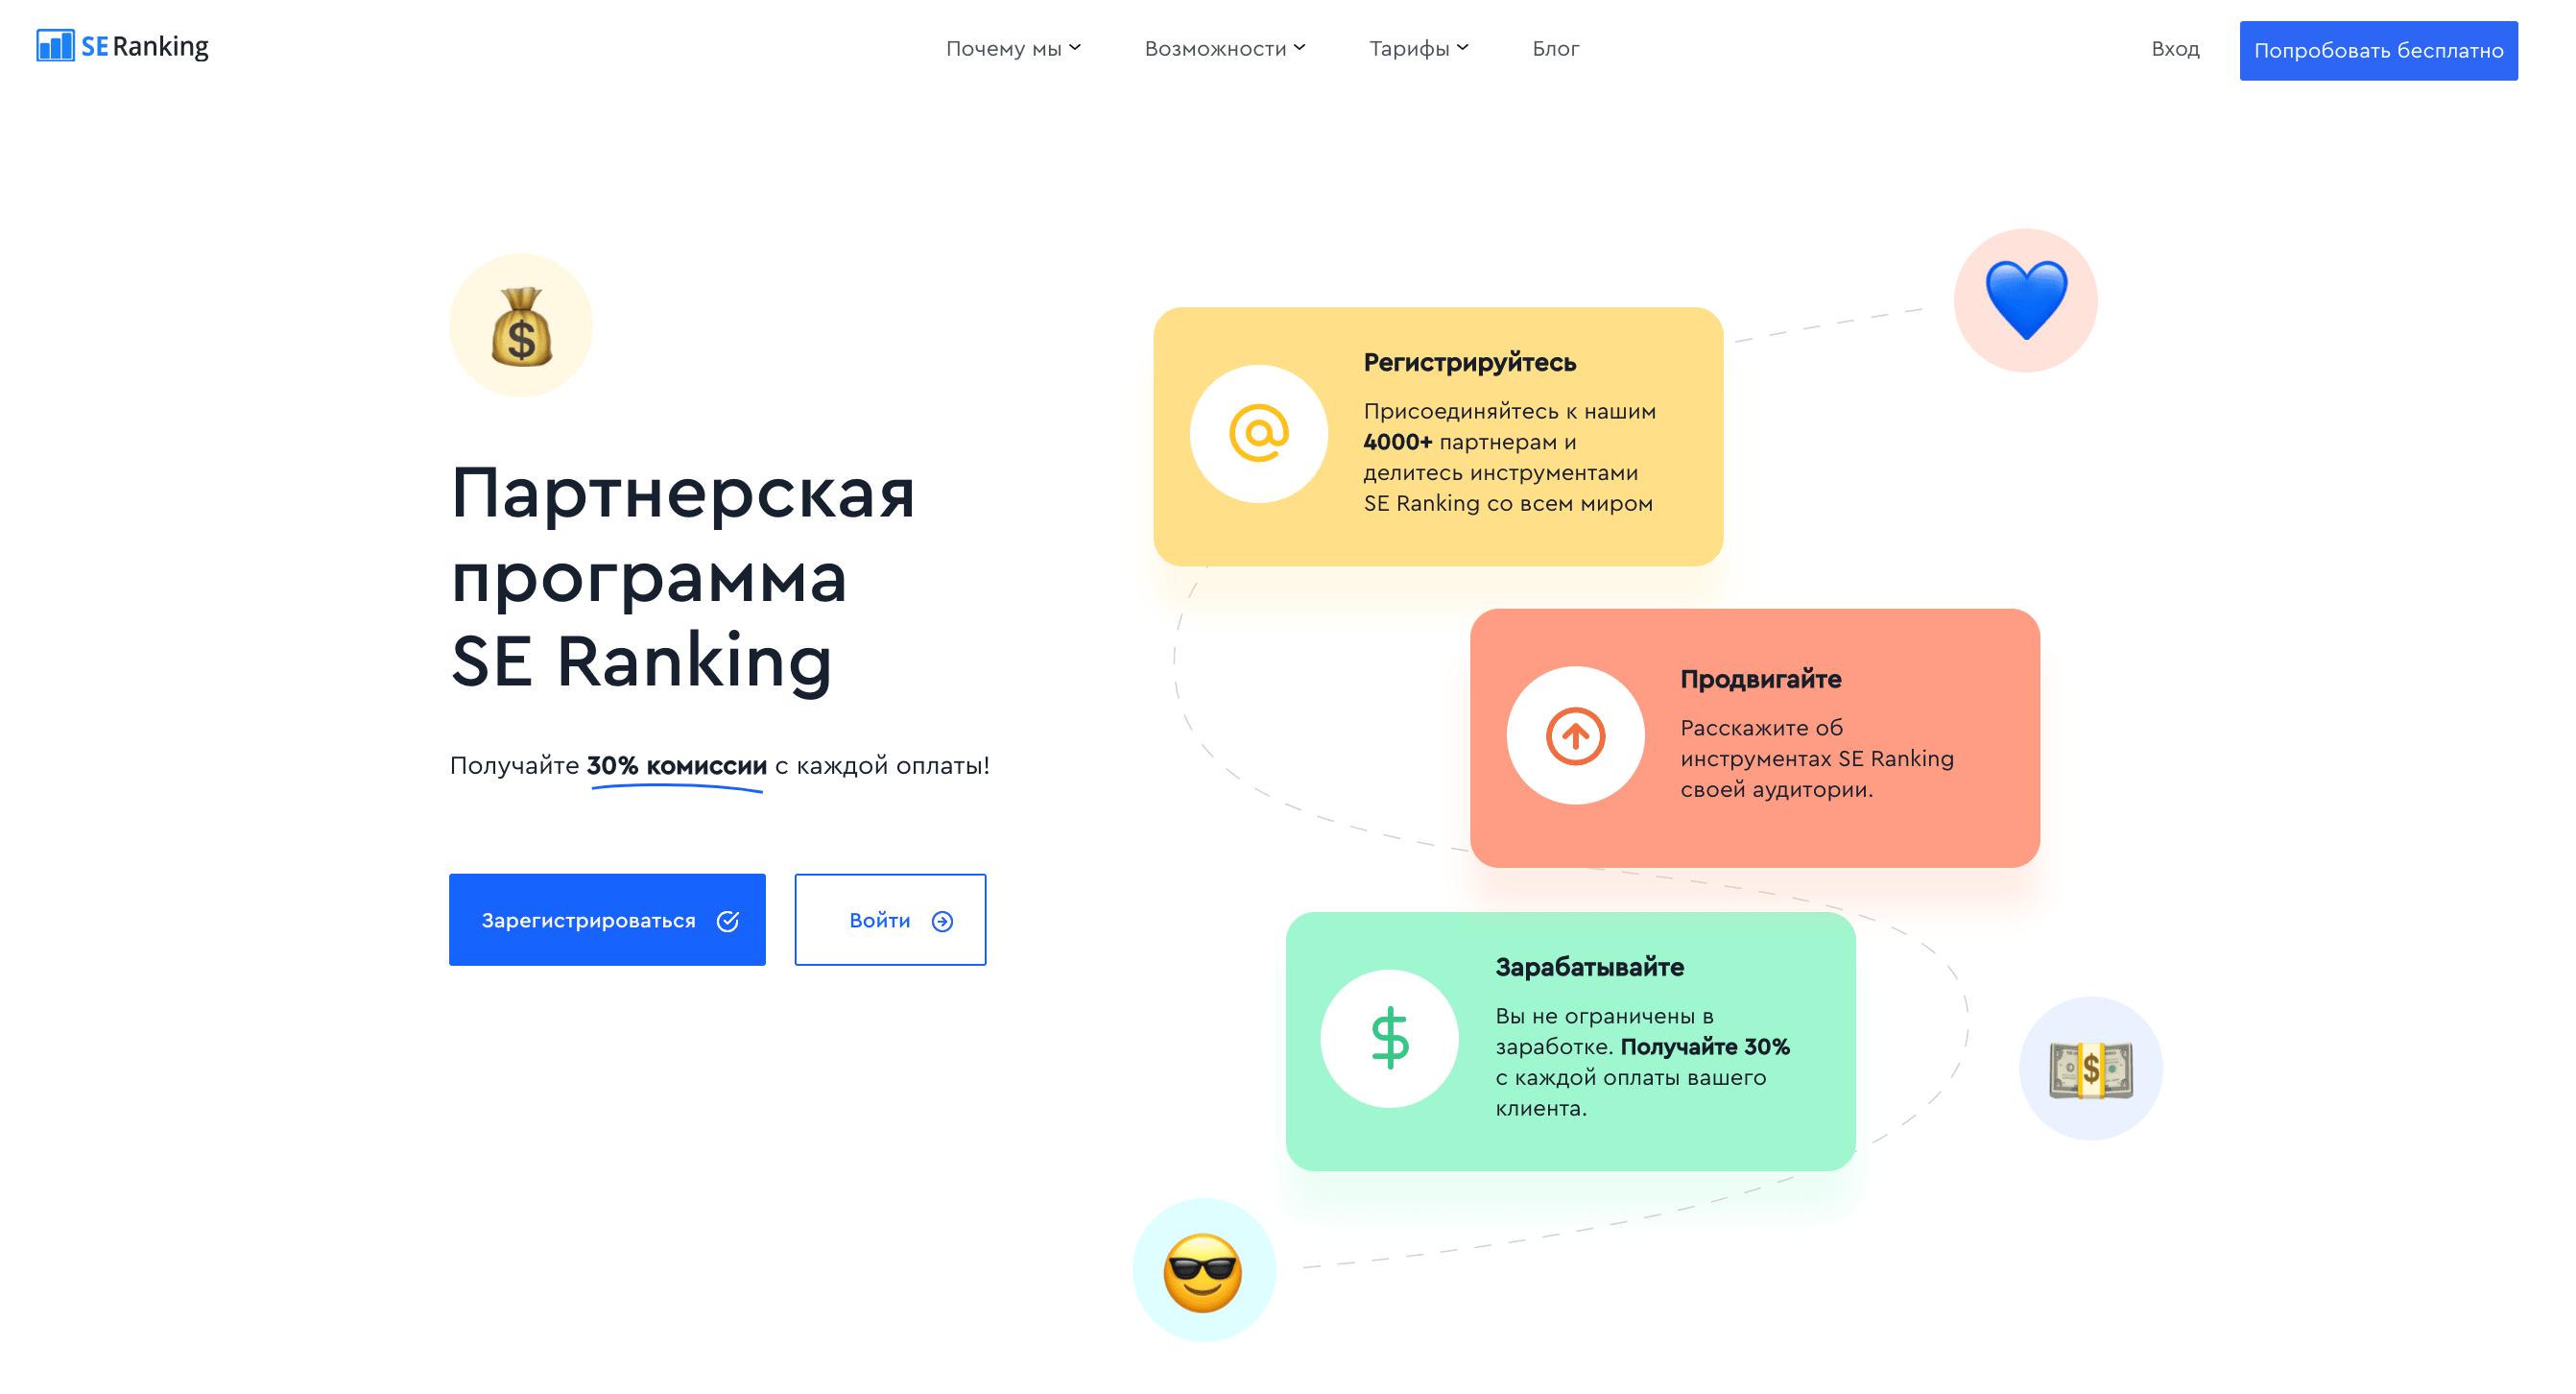 Партнерская программа SE Ranking